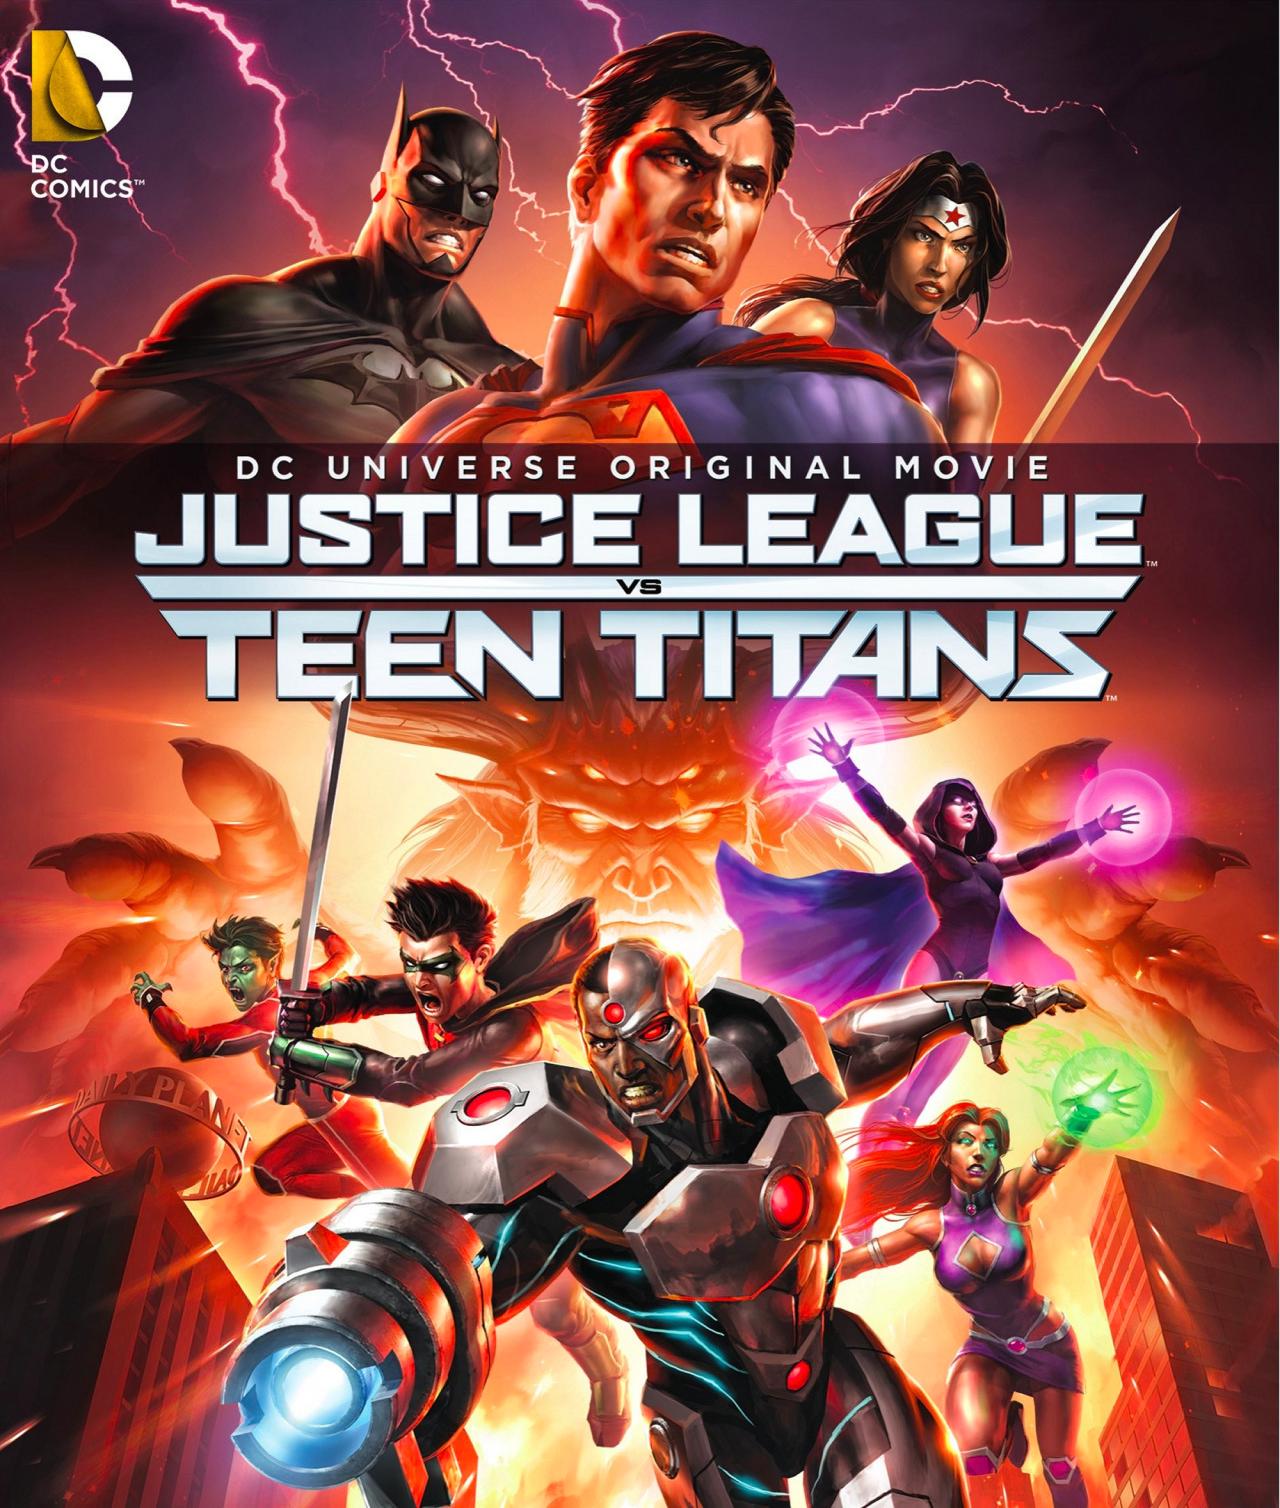 Teen titans movie